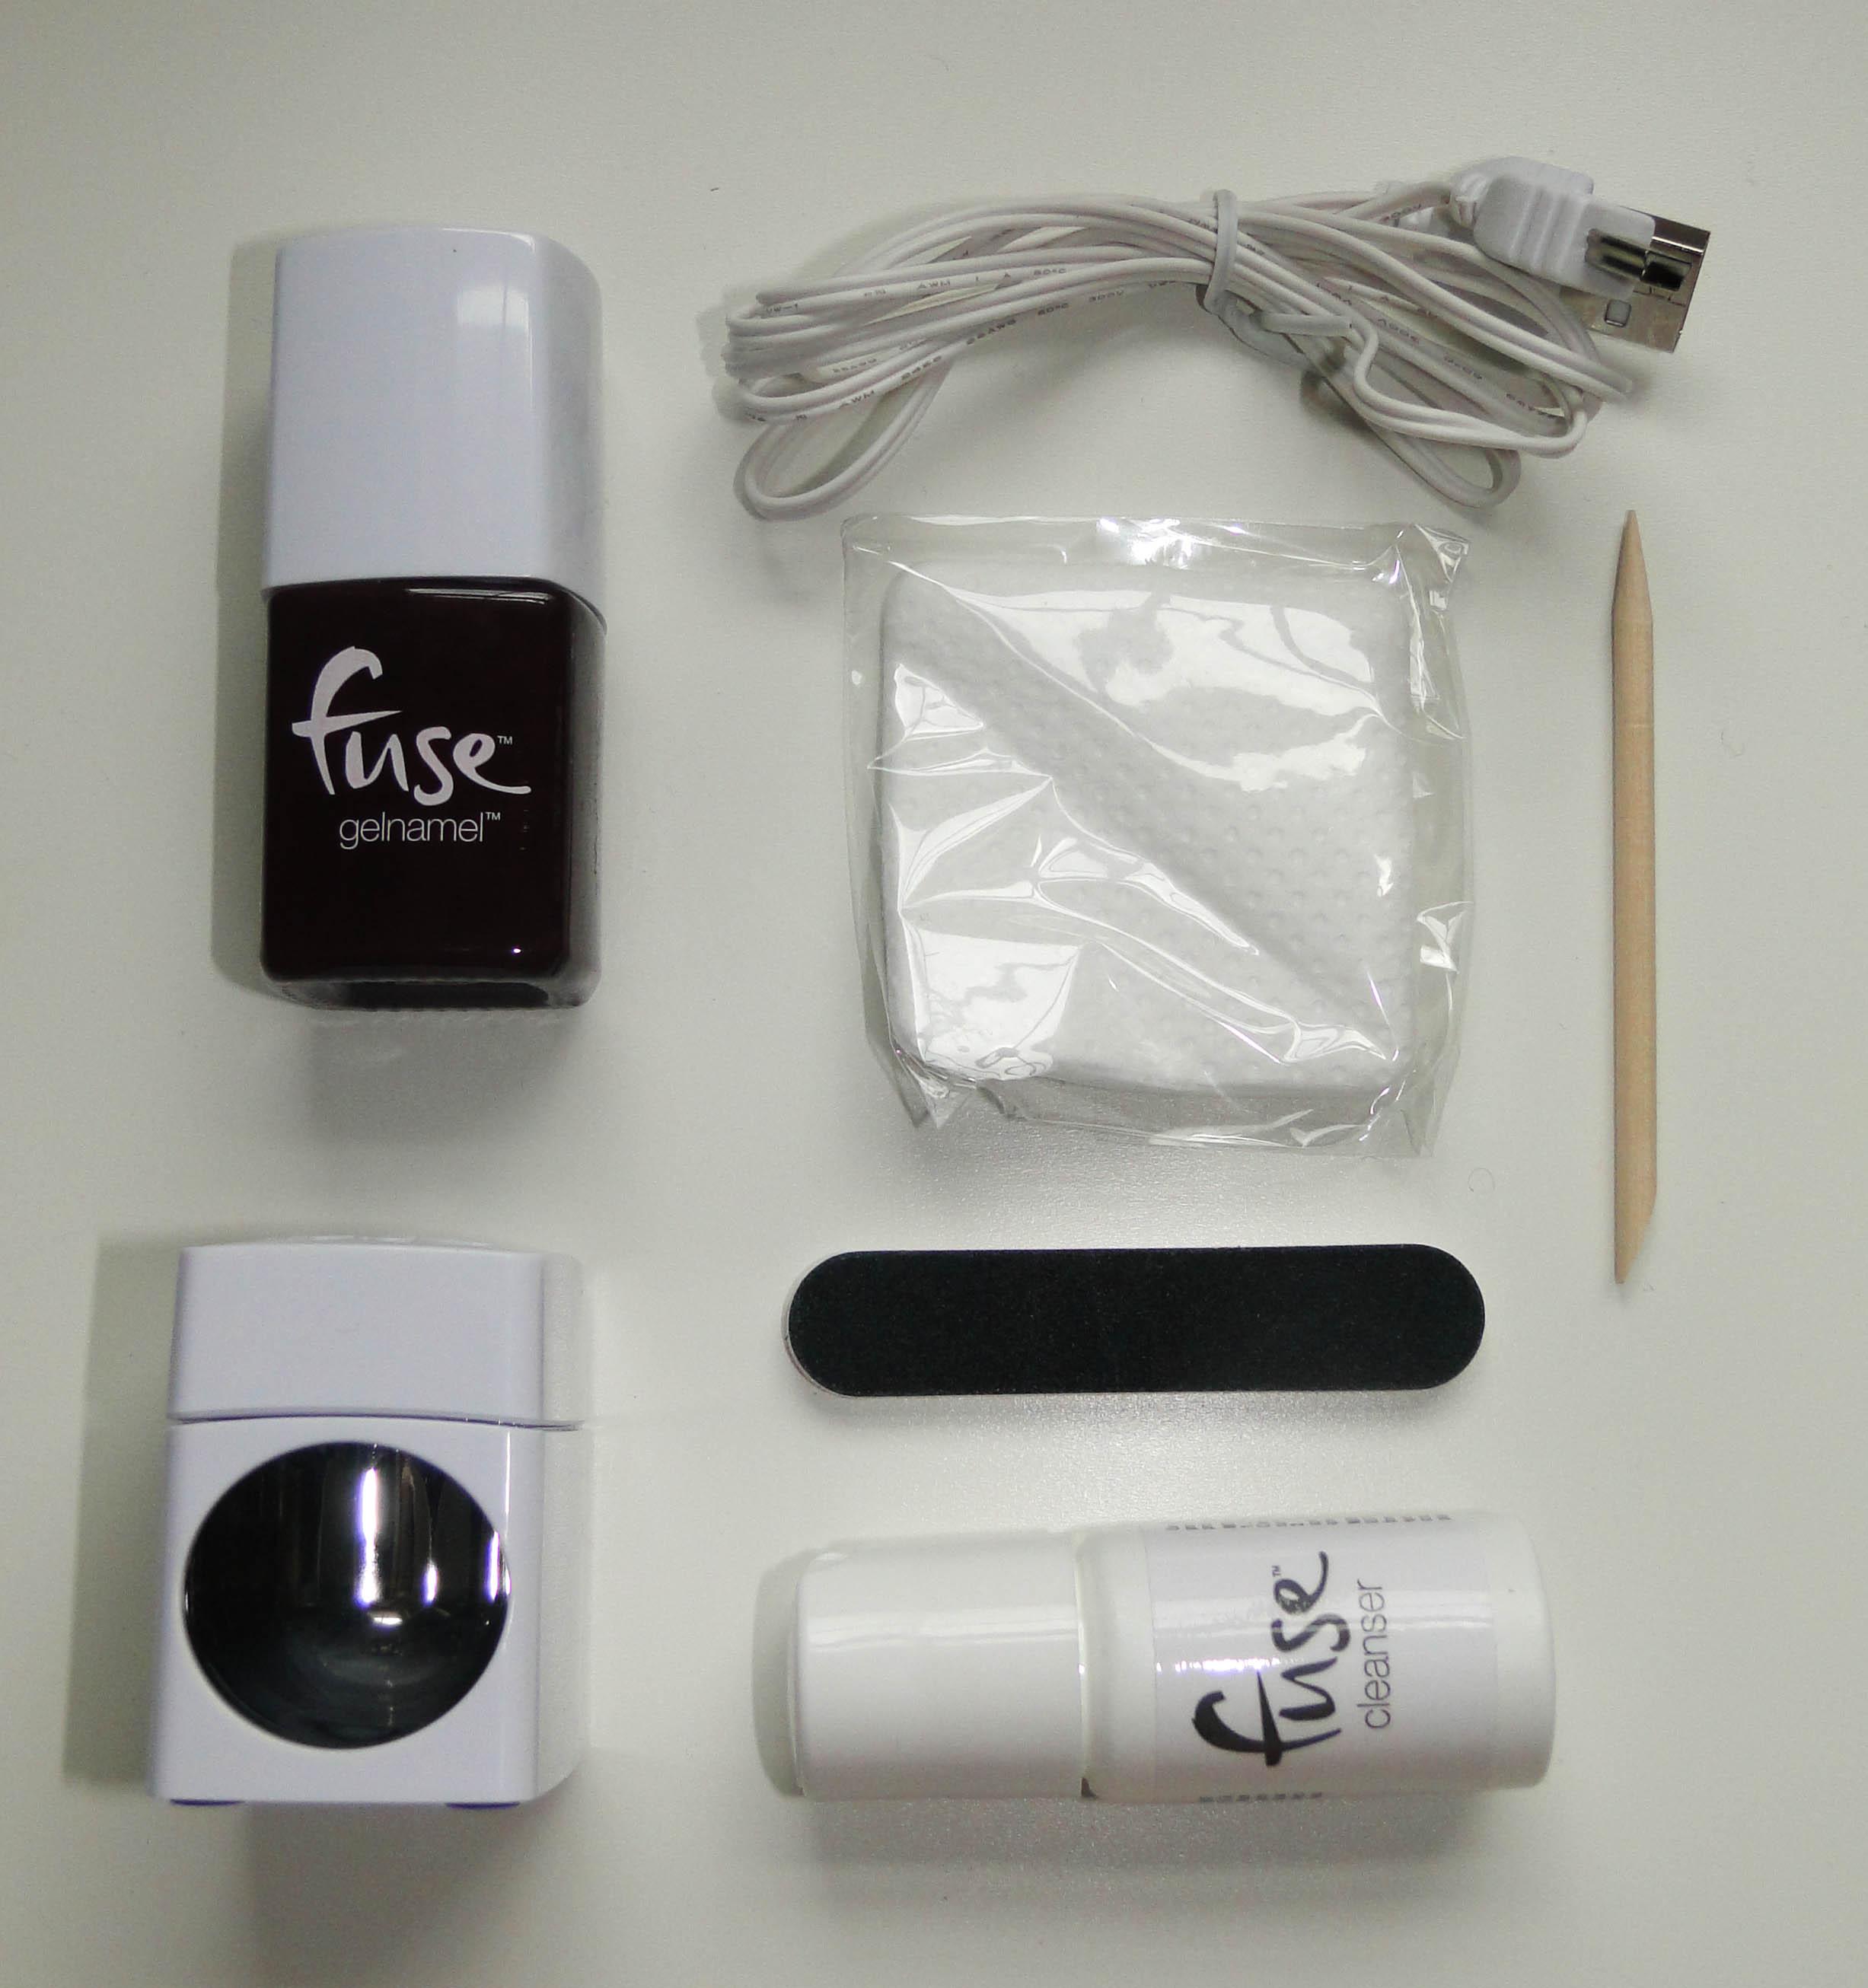 Fuse Gelnamel Starter Kit 1